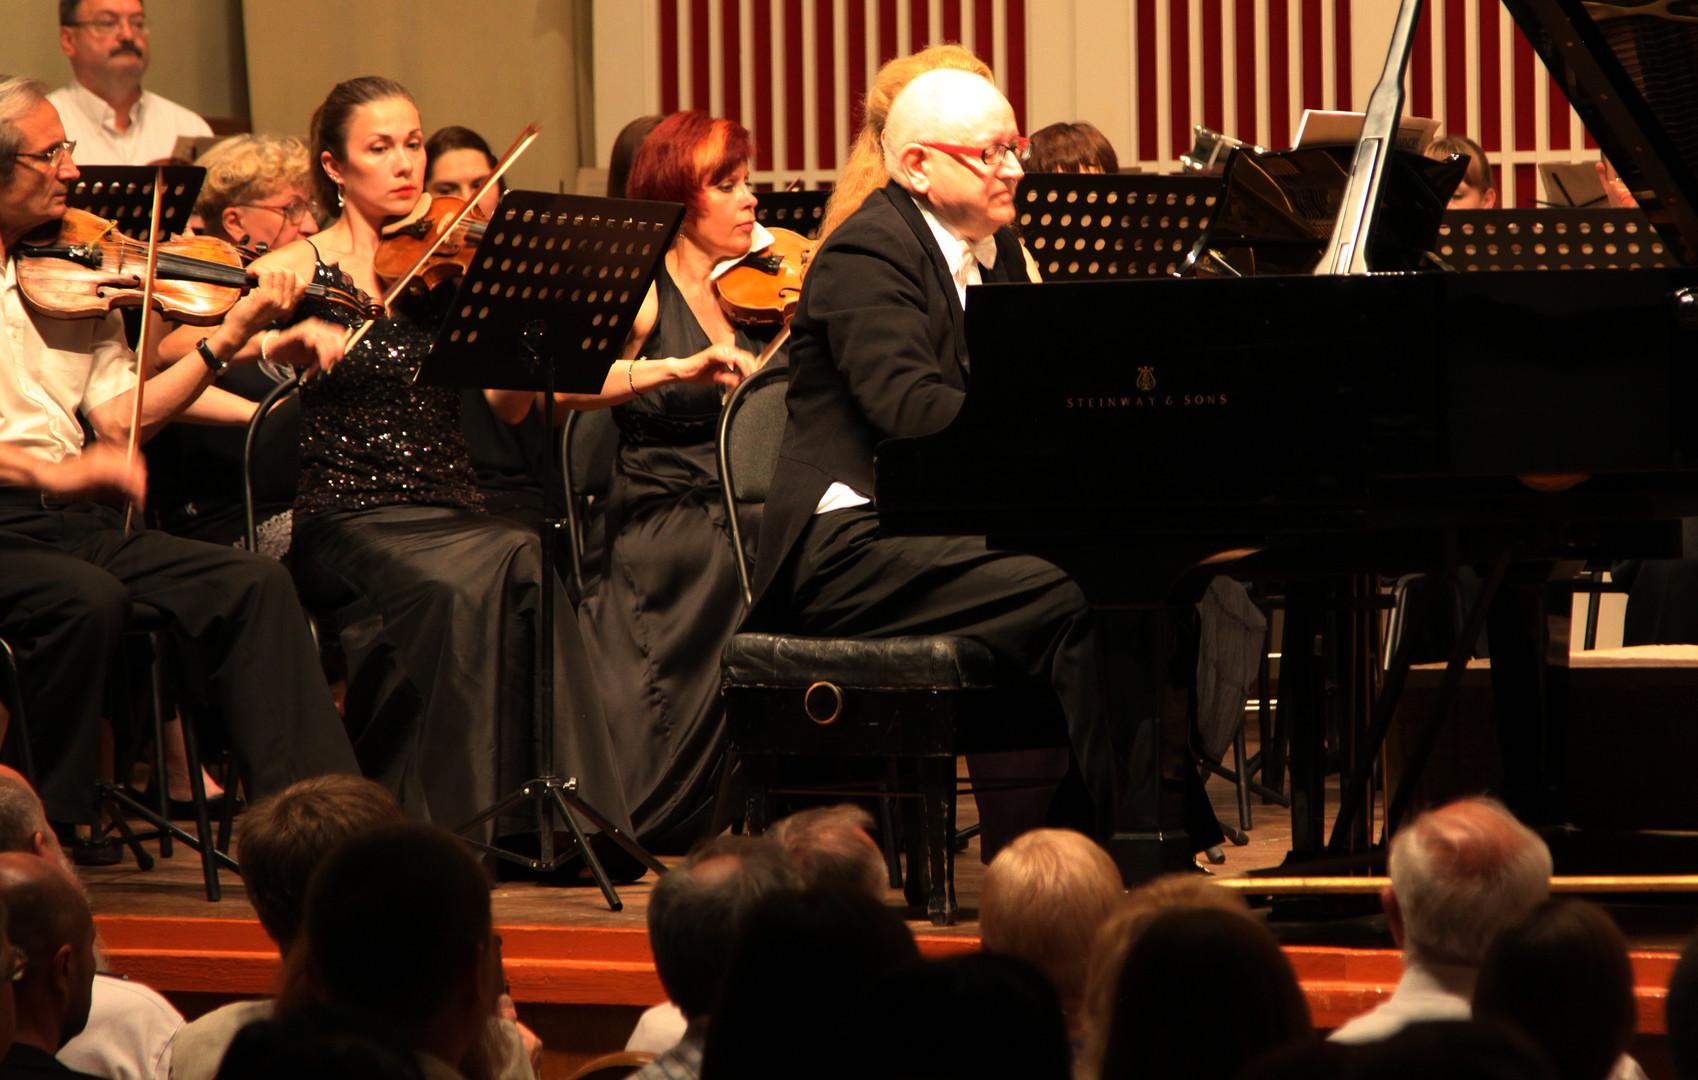 Пианист Питер Сейврайт во время концерта в Донецкой филармонии.